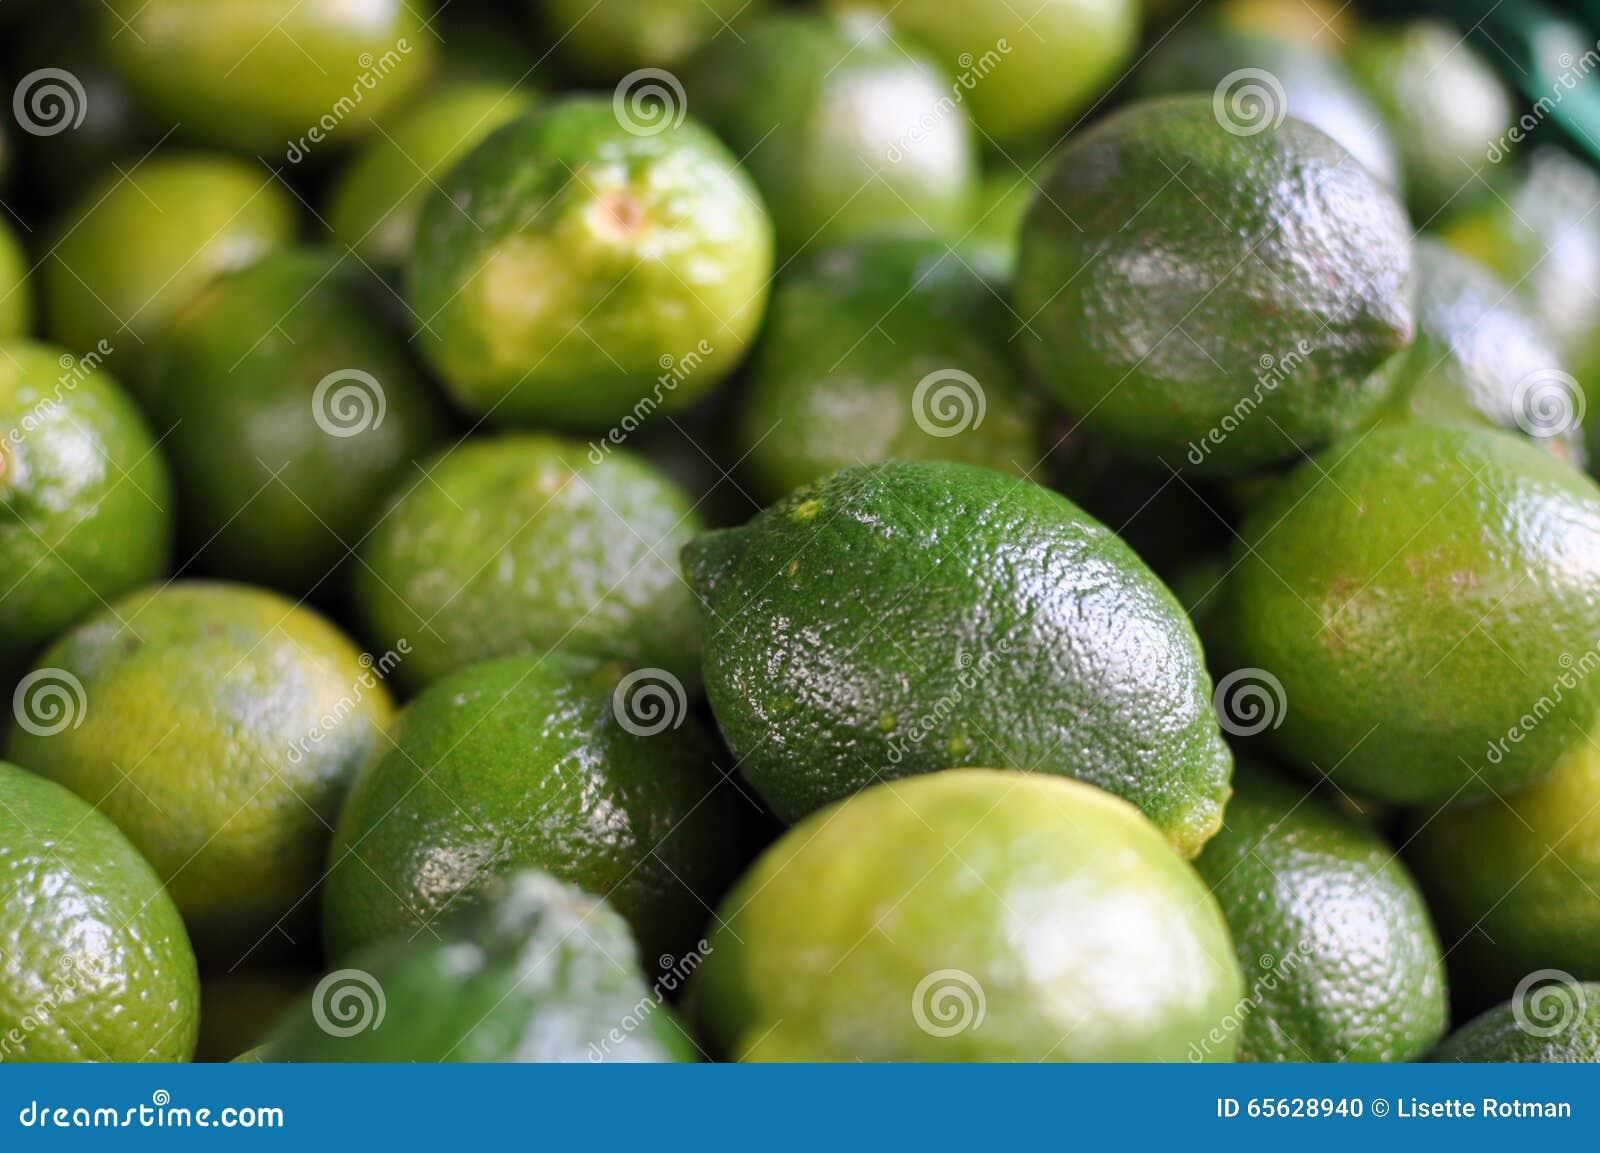 Grand groupe de chaux vertes fraîches